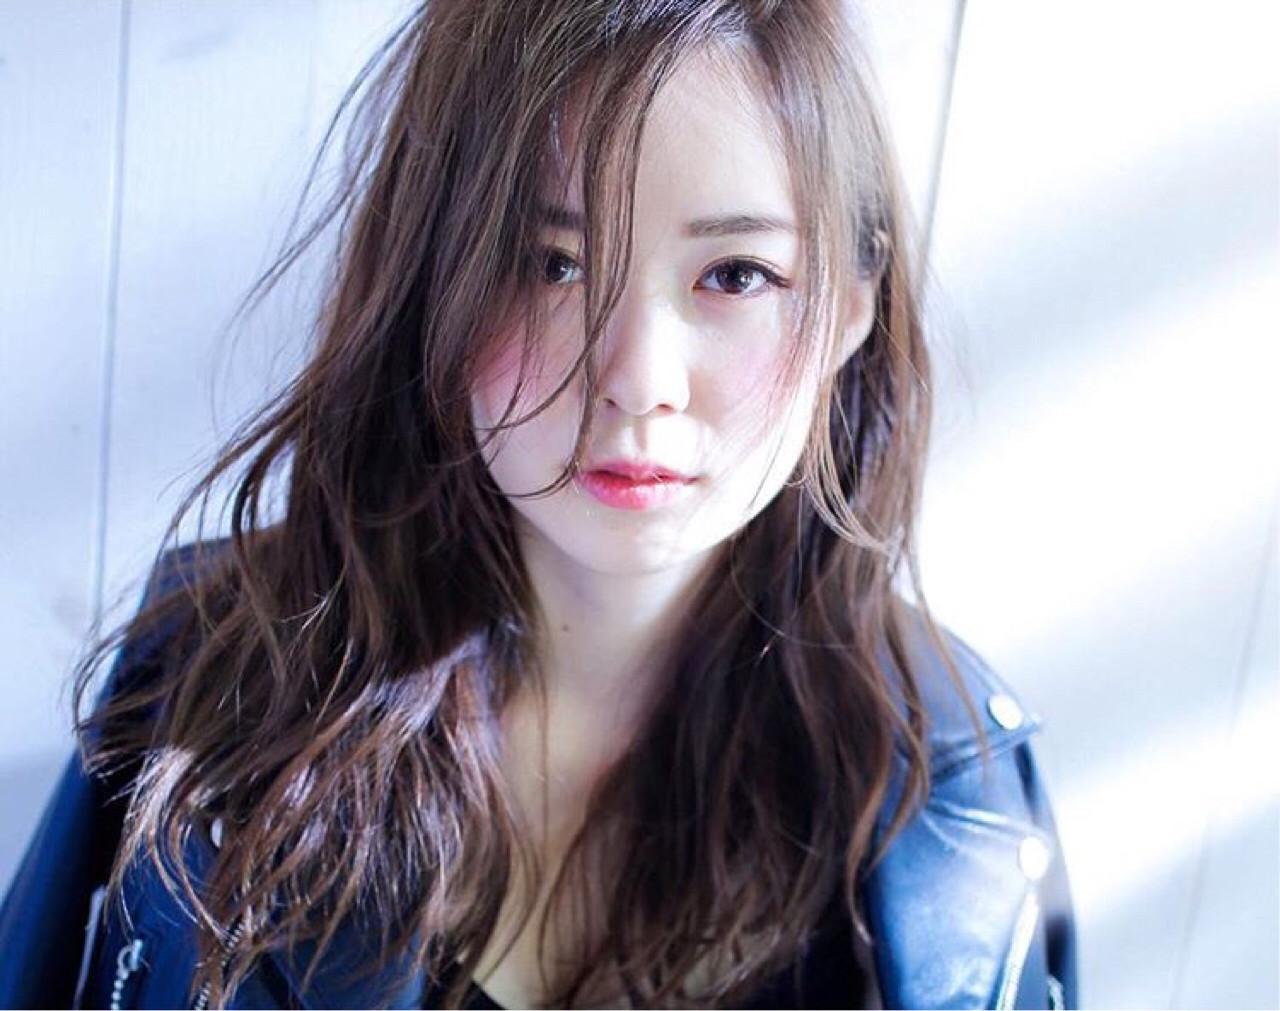 前髪あり 外国人風 うざバング セミロング ヘアスタイルや髪型の写真・画像